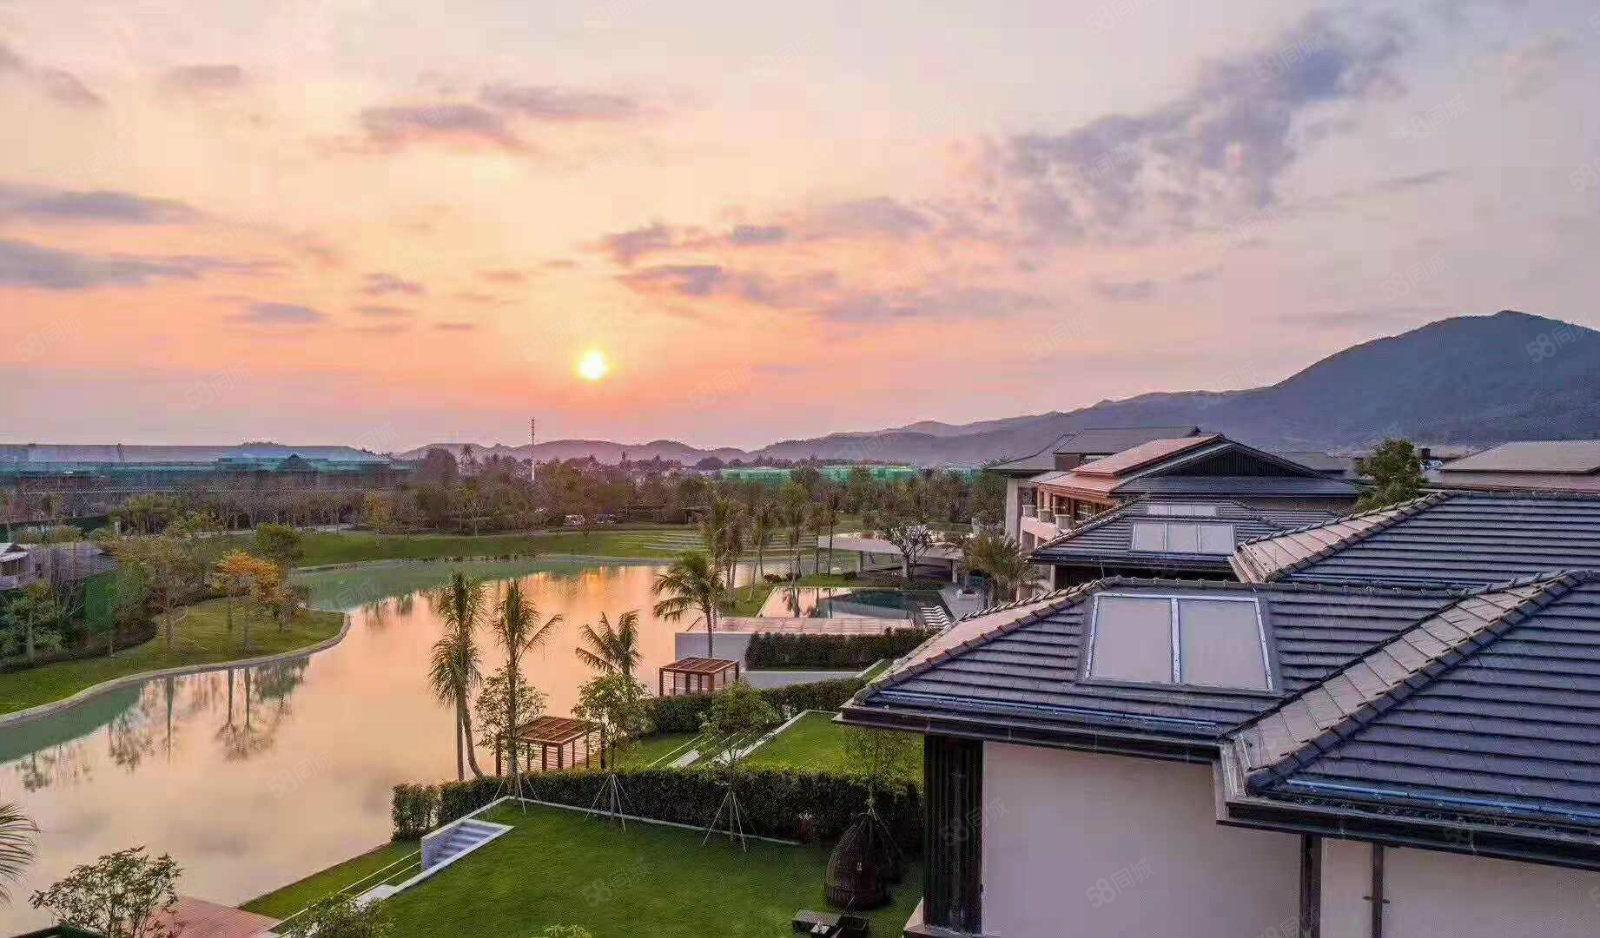 5.1特價,海棠灣高端別墅,融創品質,一線海景,私密度超高!